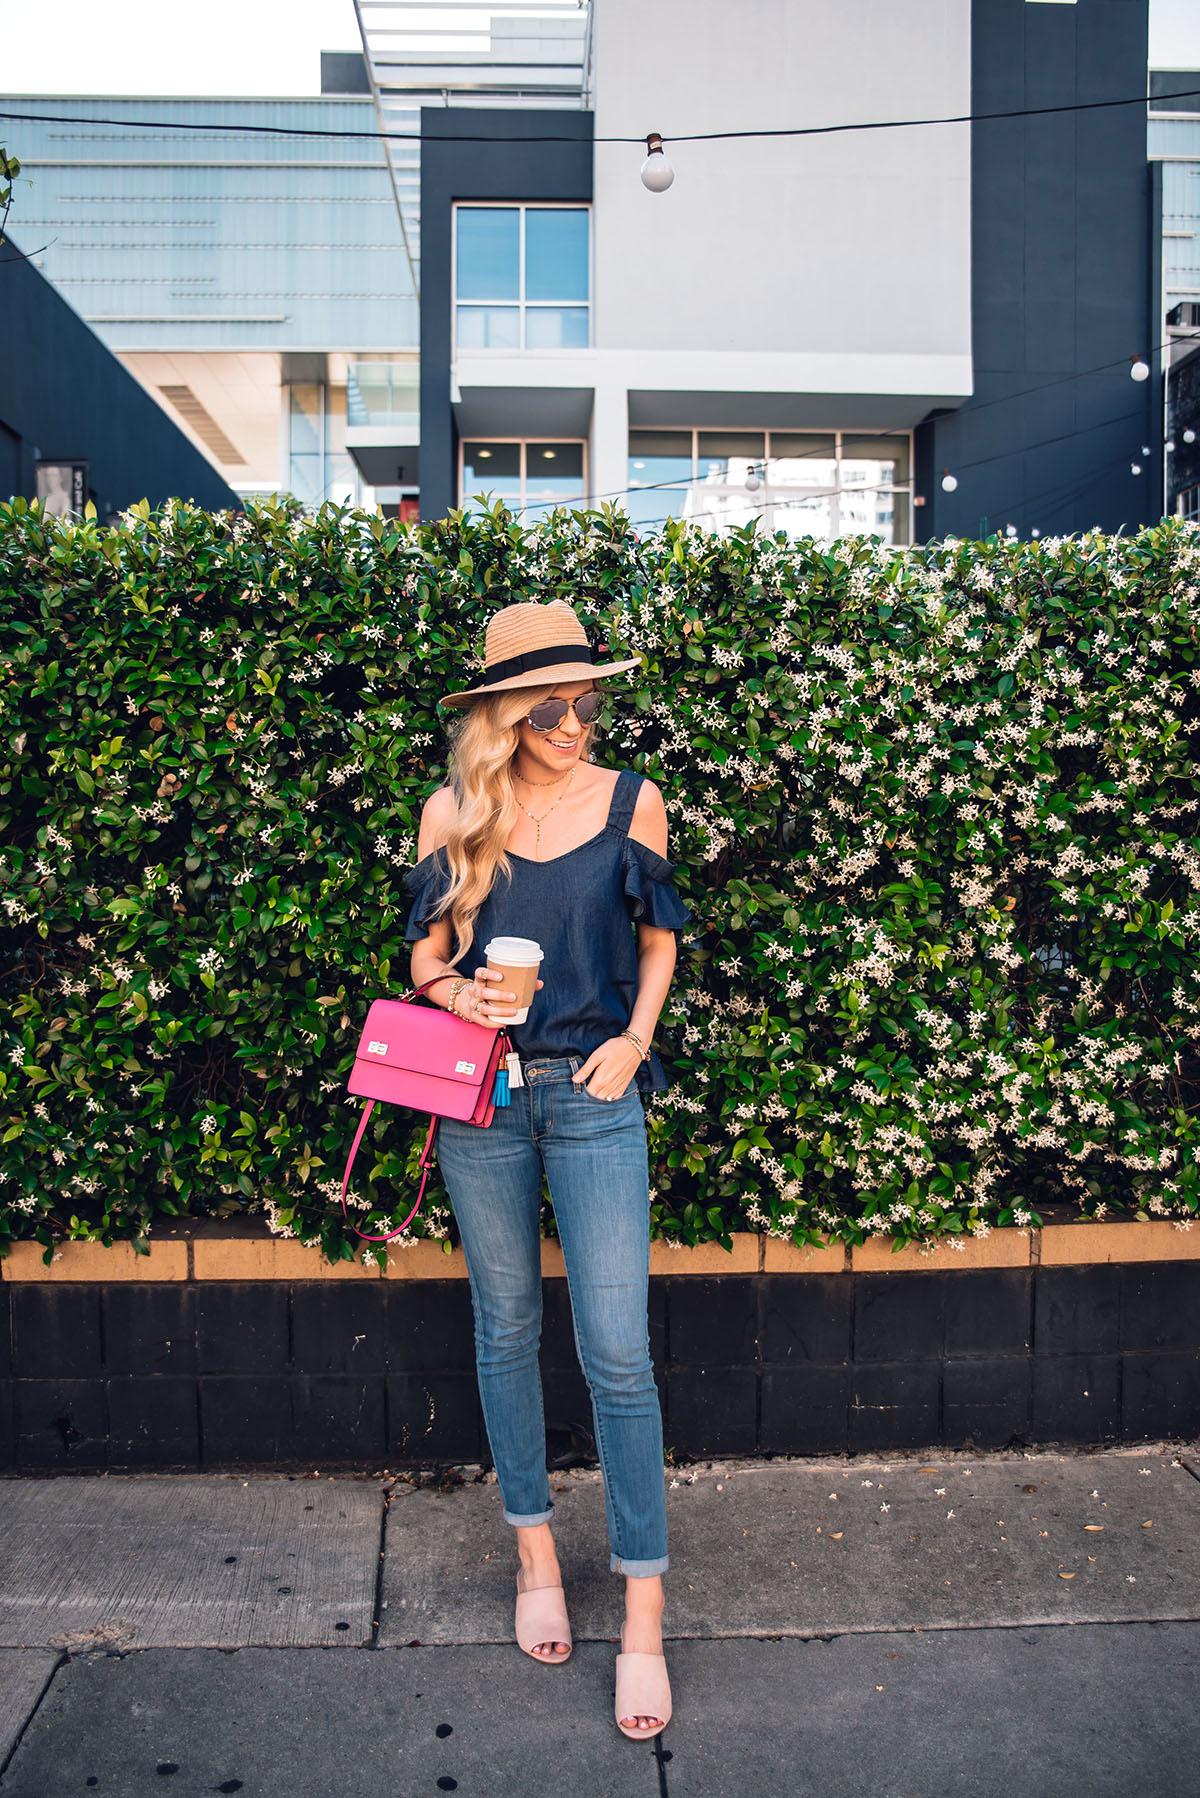 spring outfit ideas | Henri Bendel spring schoolbag